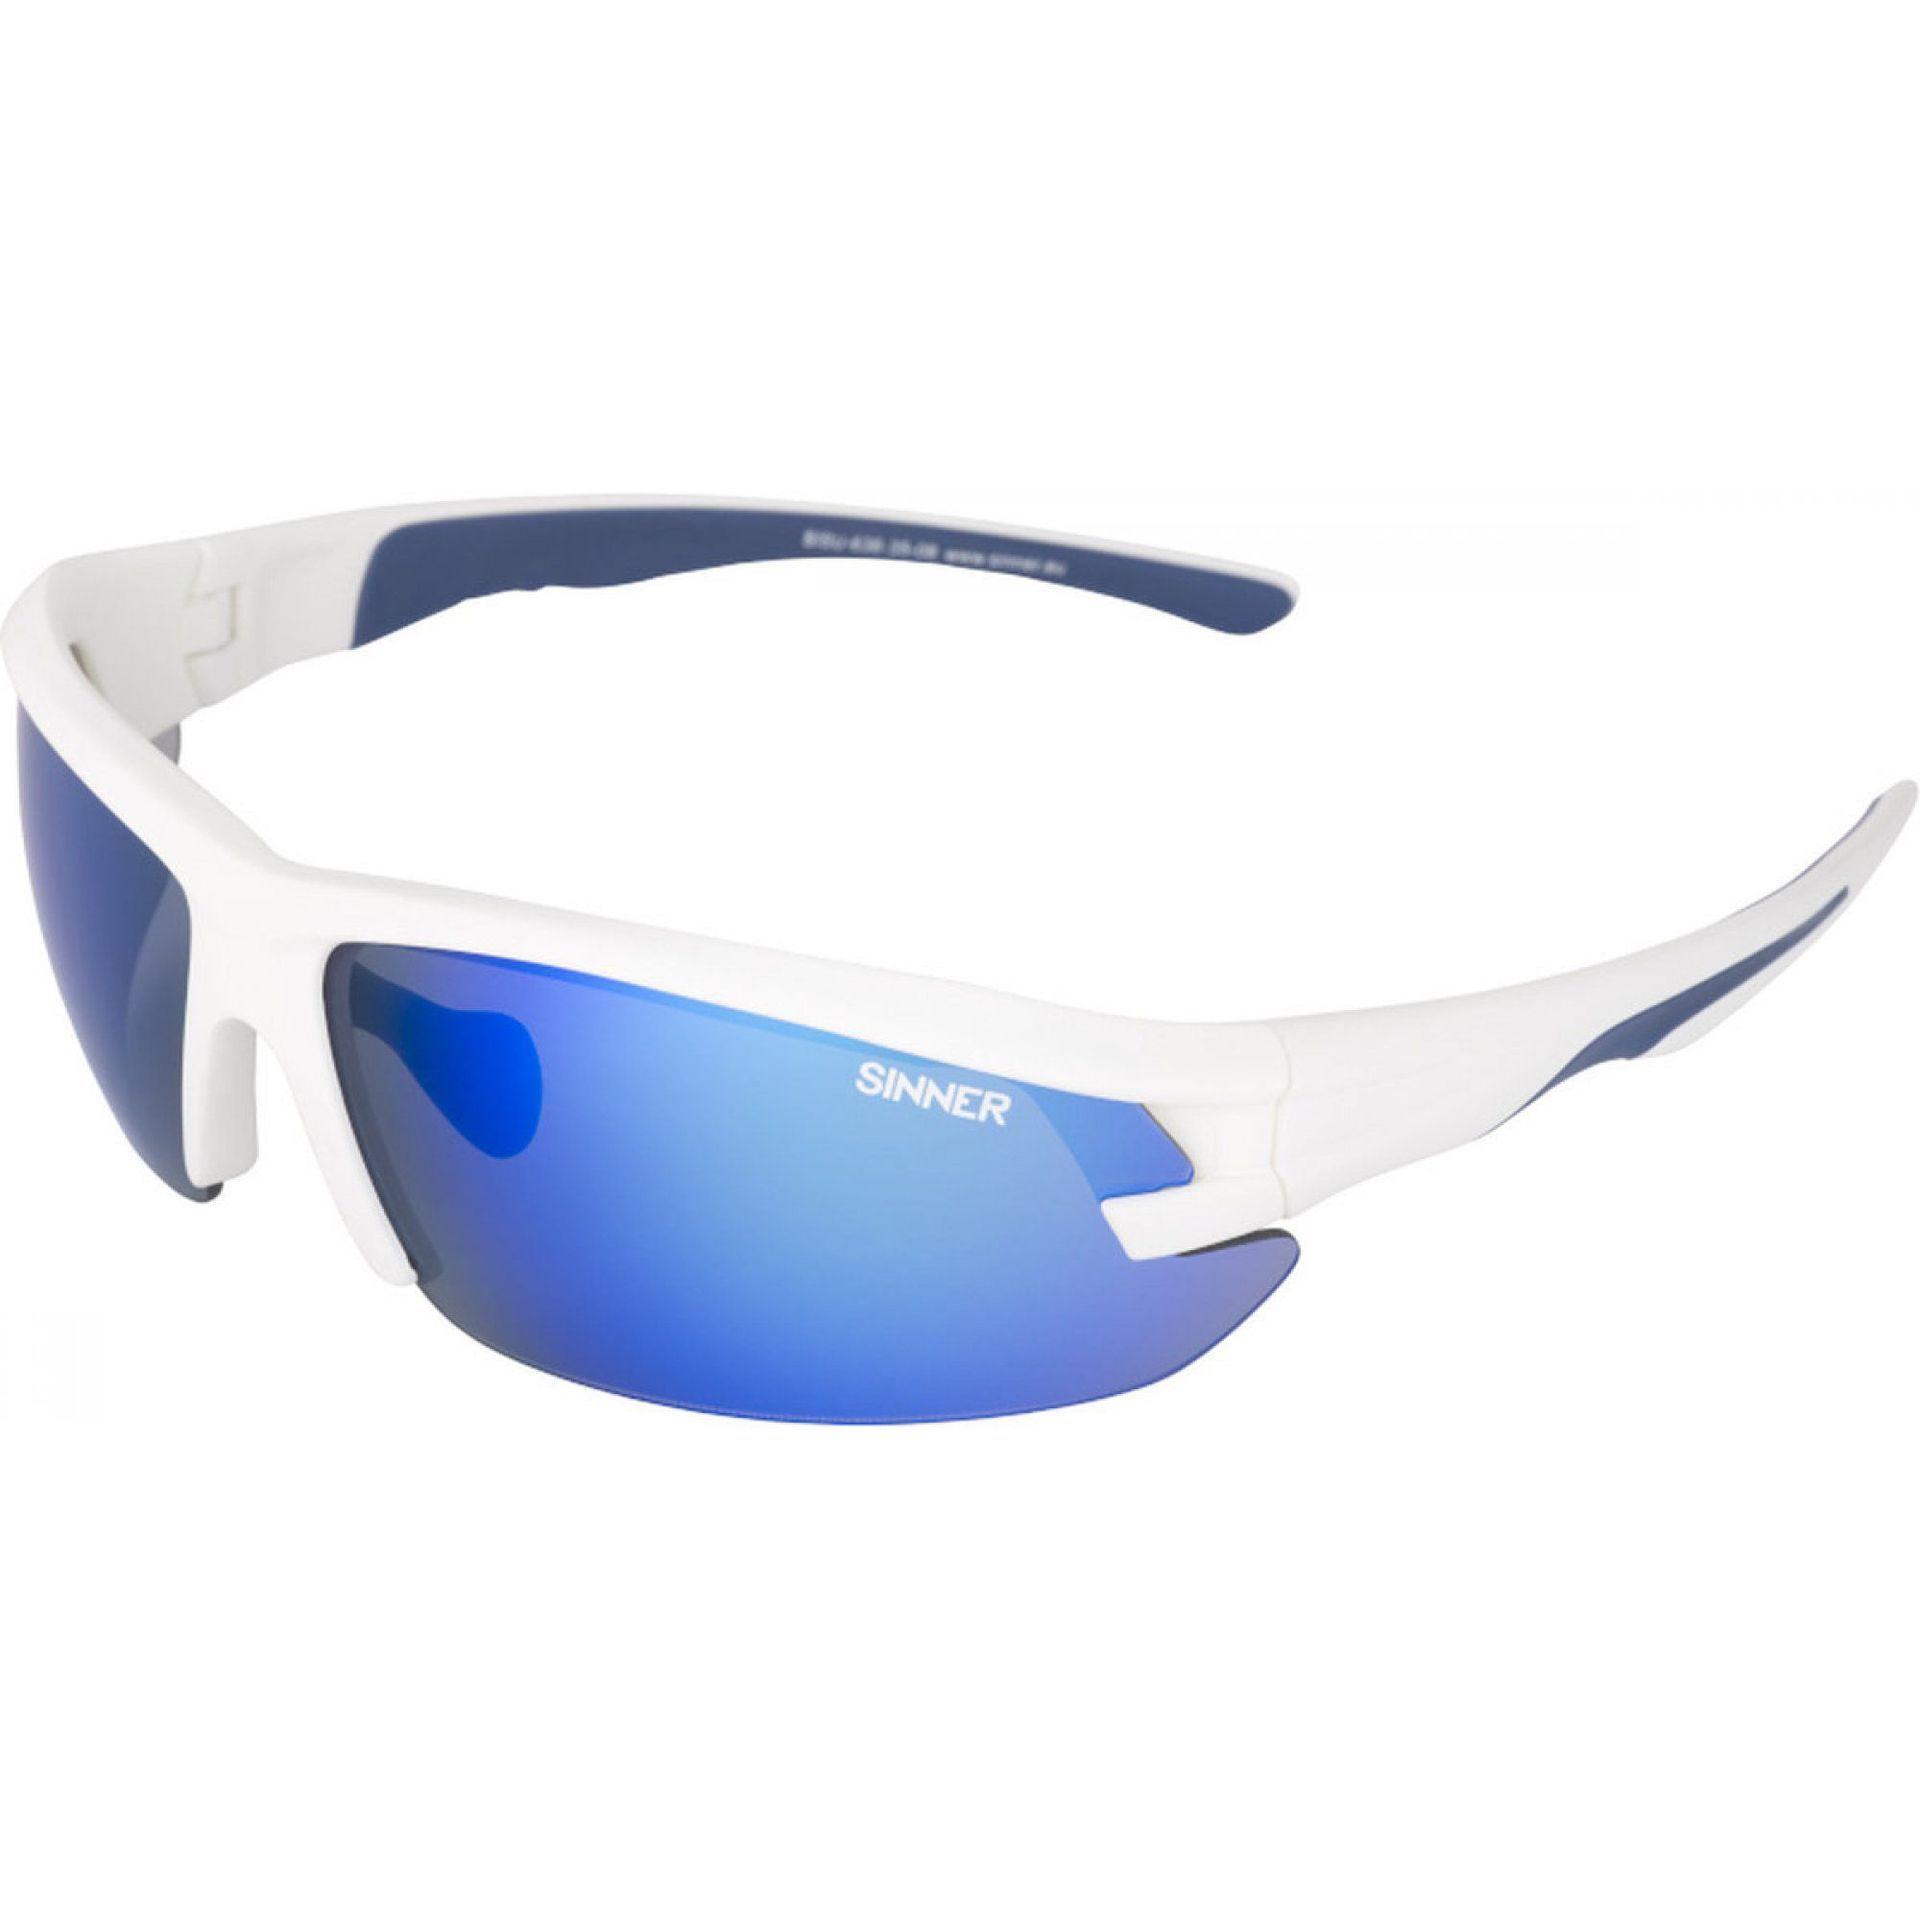 OKULARY SINNER SPEED WHITE BLUE 1